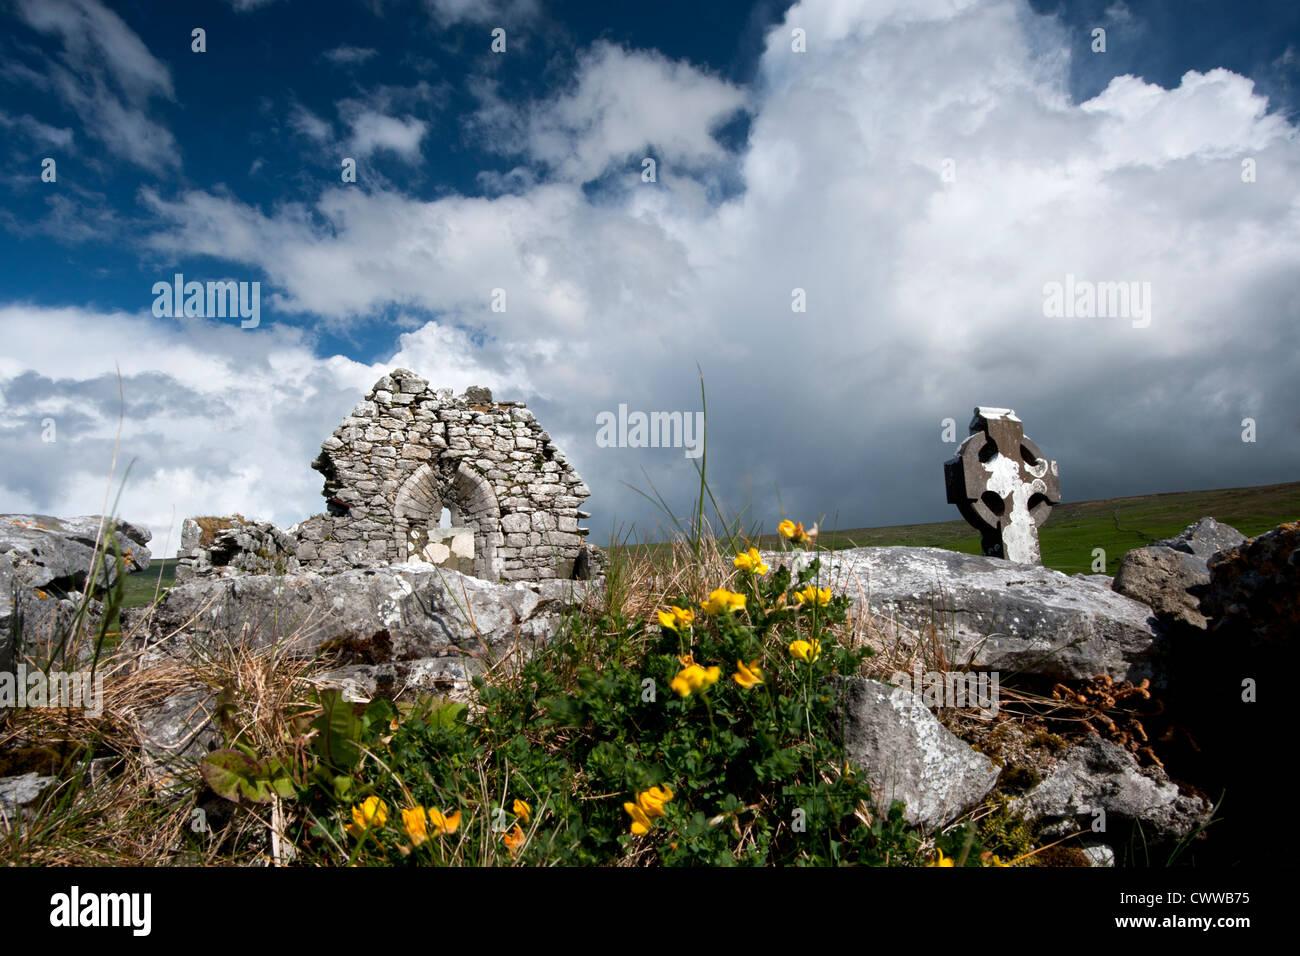 Stein-Ruinen in ländlichen Landschaft Stockbild